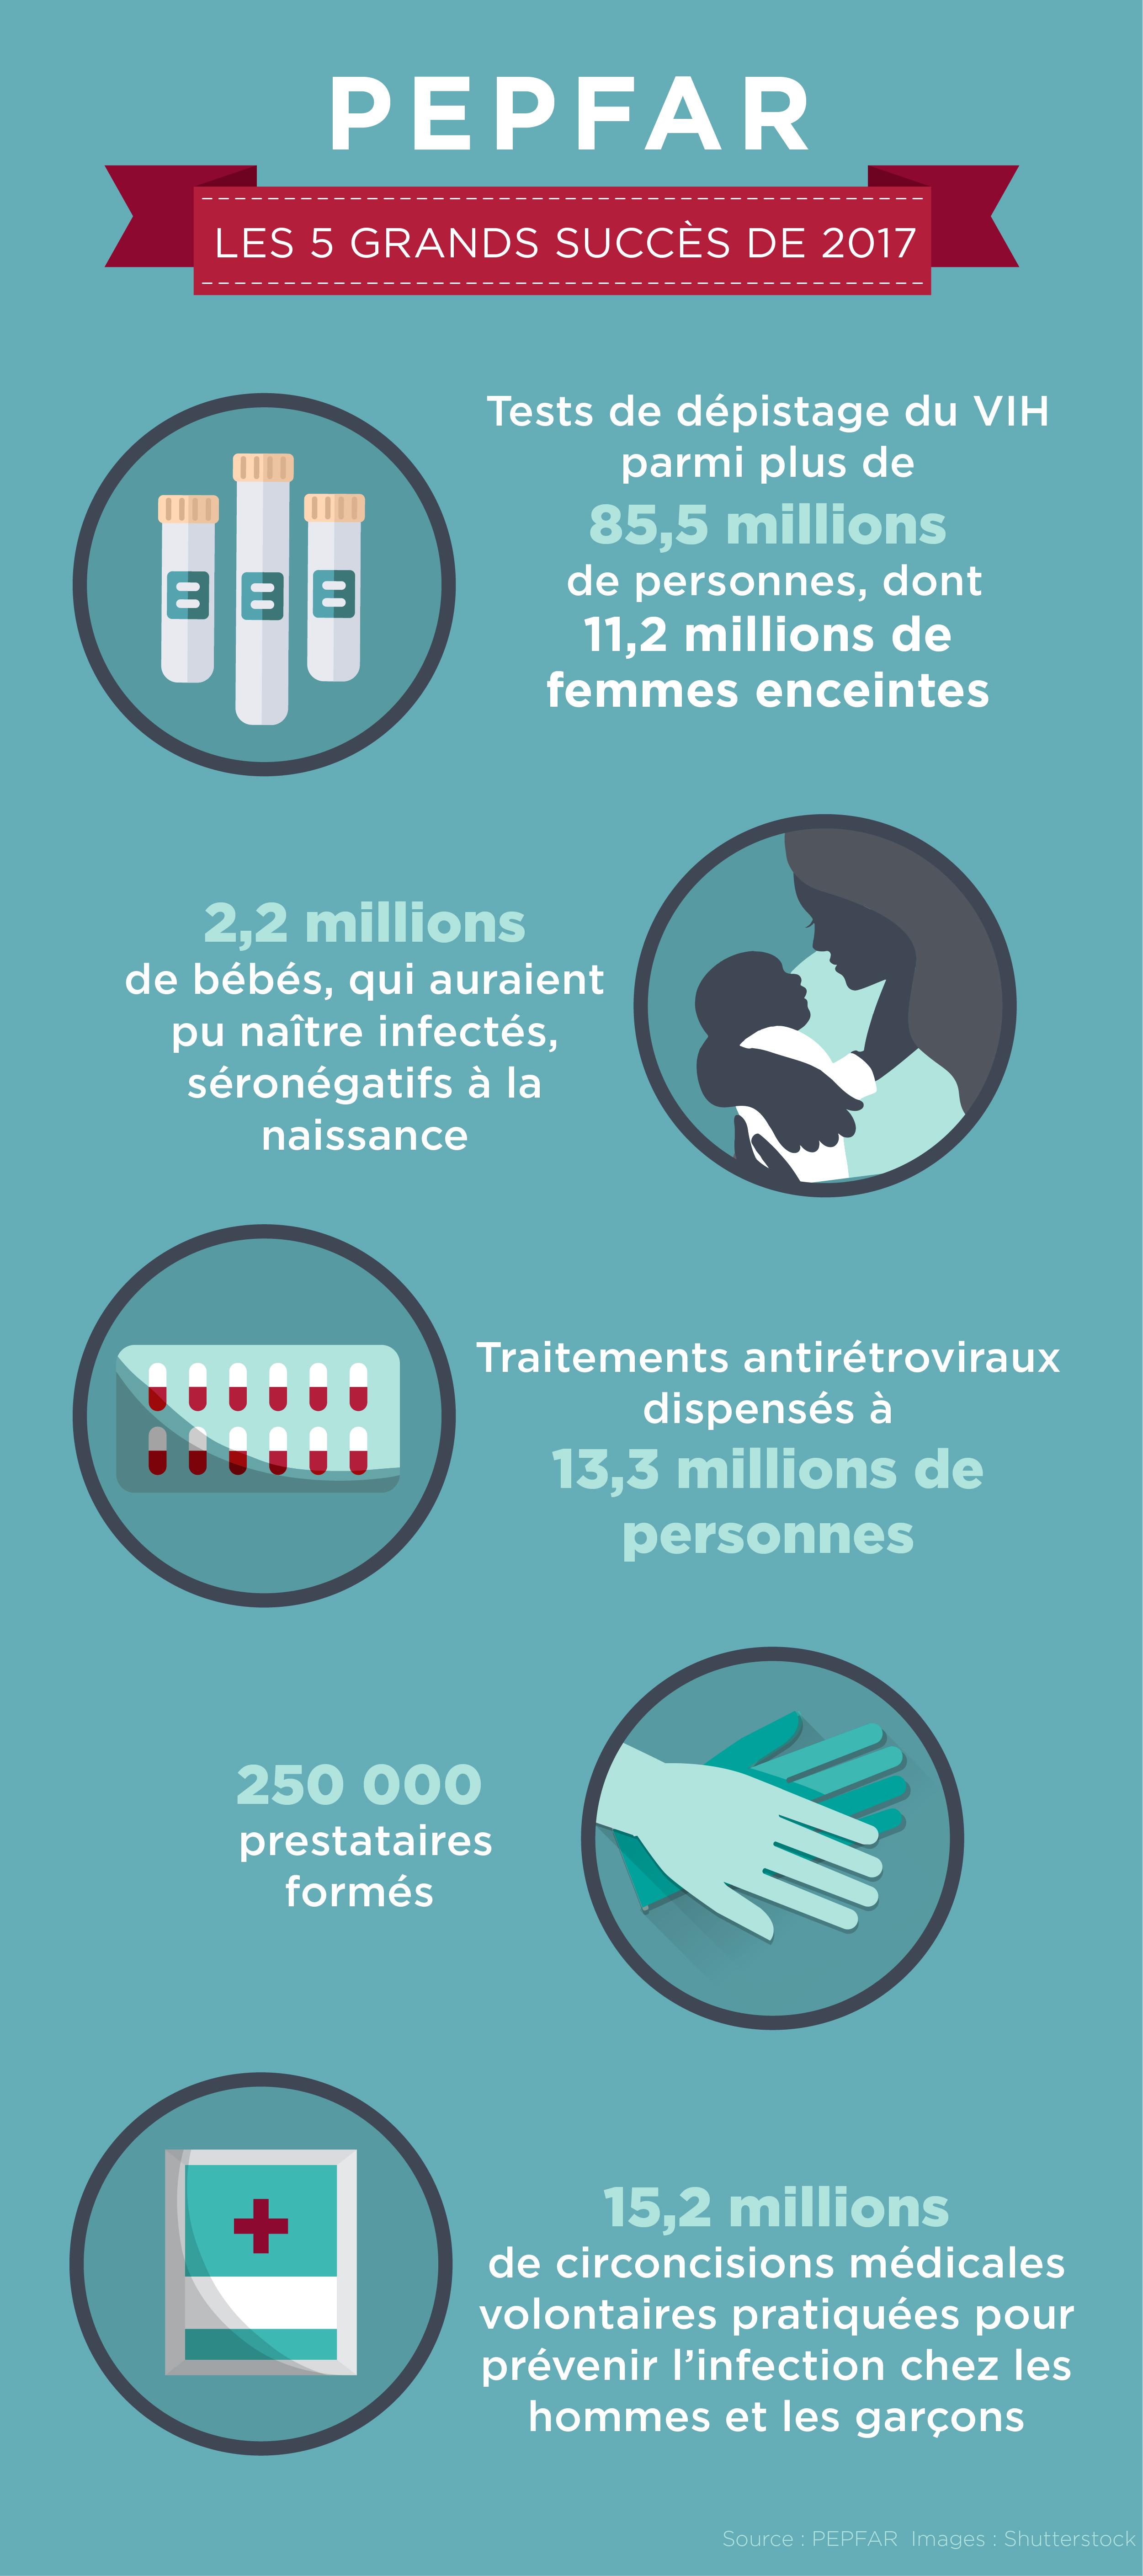 Statistiques sur le dépistage du VIH, le nombre de nouveau-nés séronégatifs, les traitements antirétroviraux, la formation de prestataires et les circoncisions (Maruszewski/Département d'État)